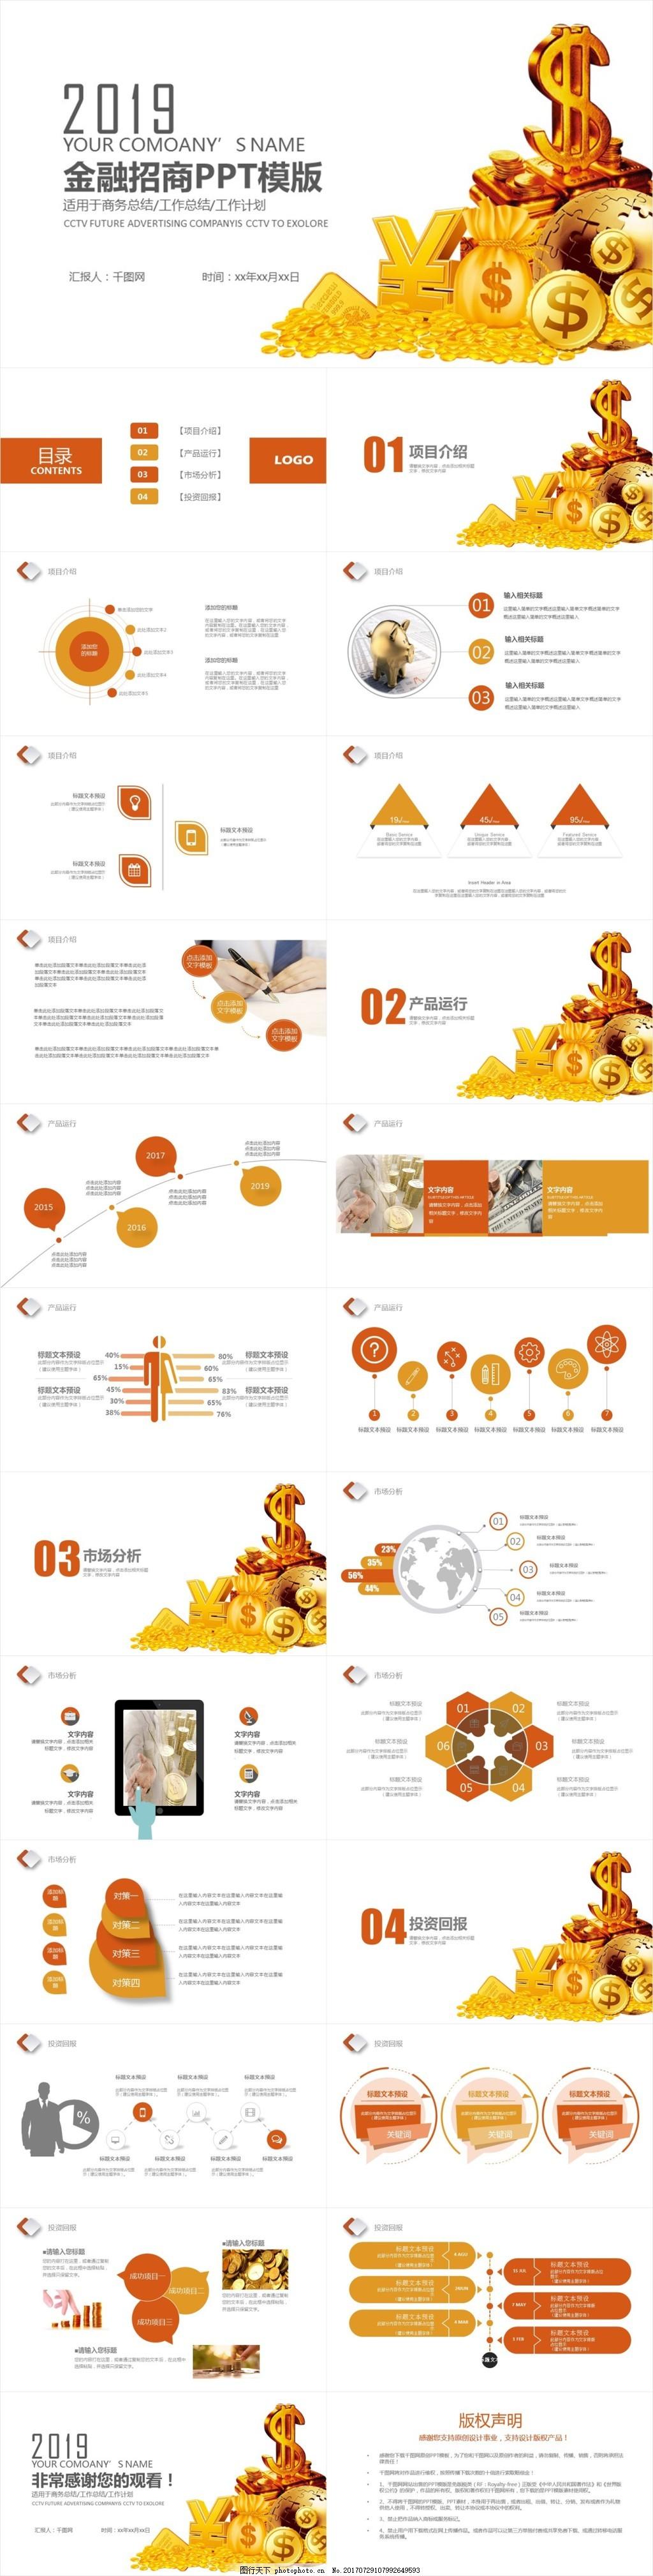 金融投资理财年中工作总结PPT模板 年终 新年 个人 年度 季度